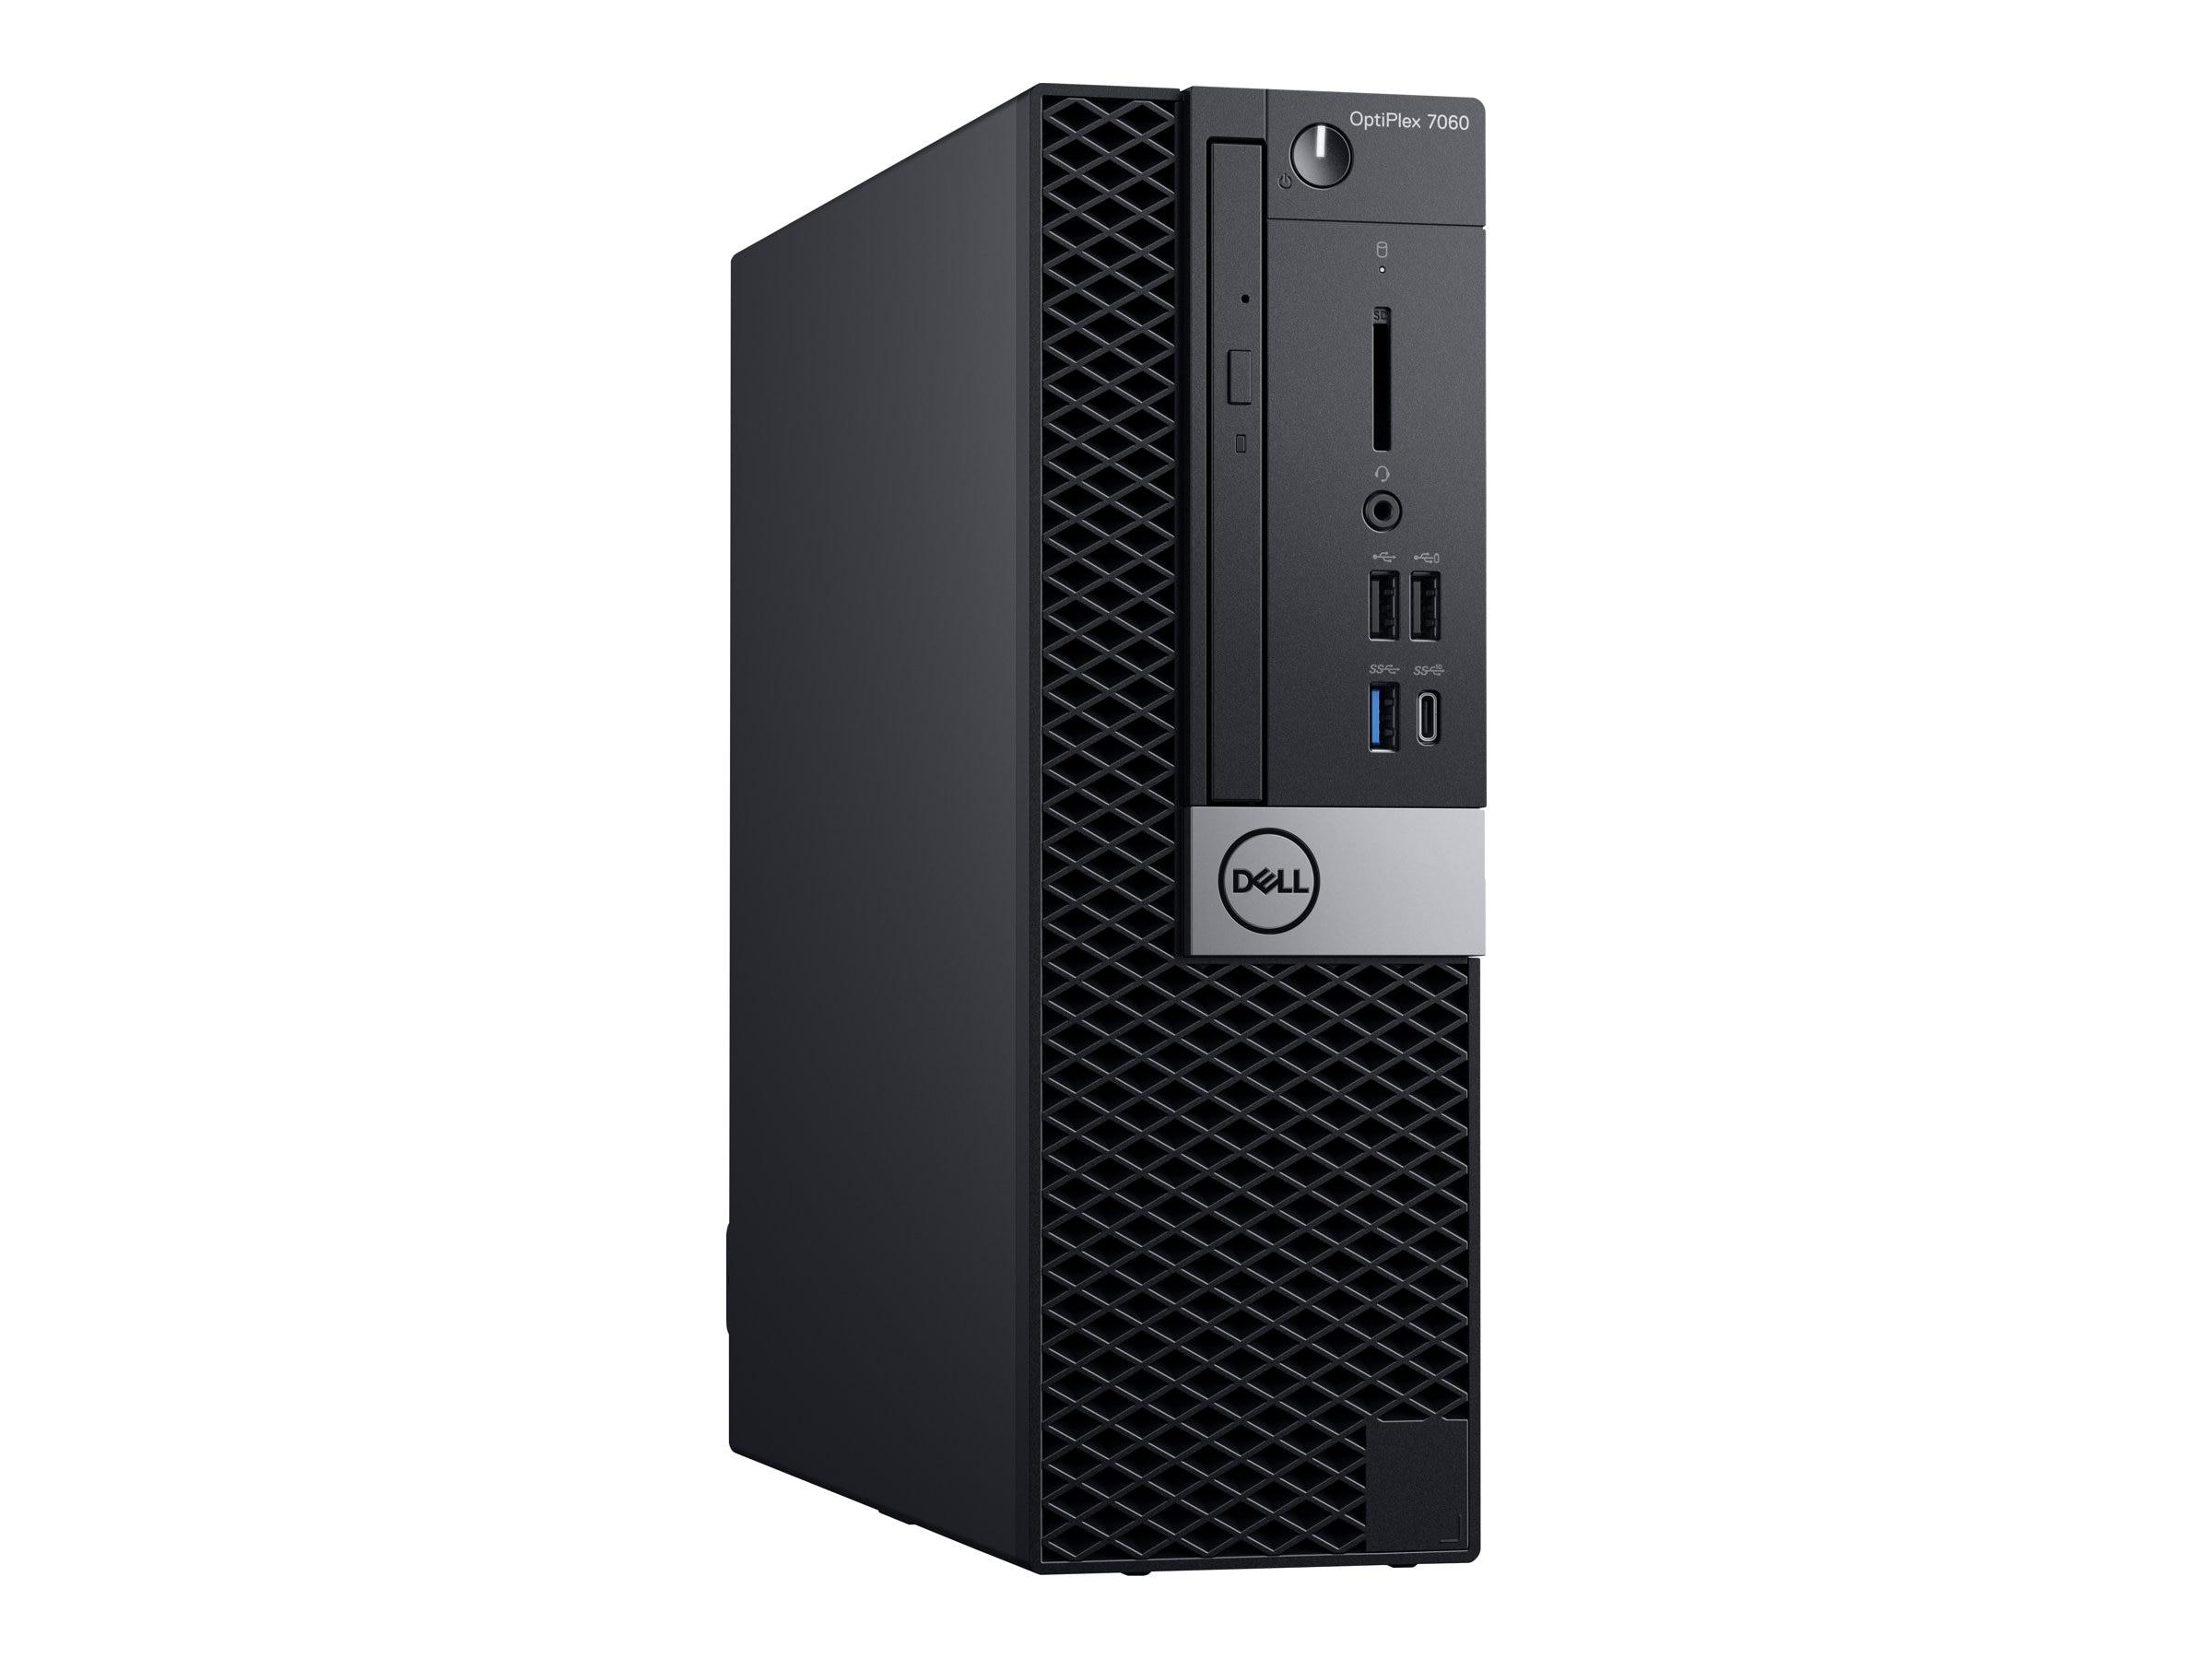 Dell OptiPlex 7060 3 2GHz Core i7 16GB RAM 256GB hard drive